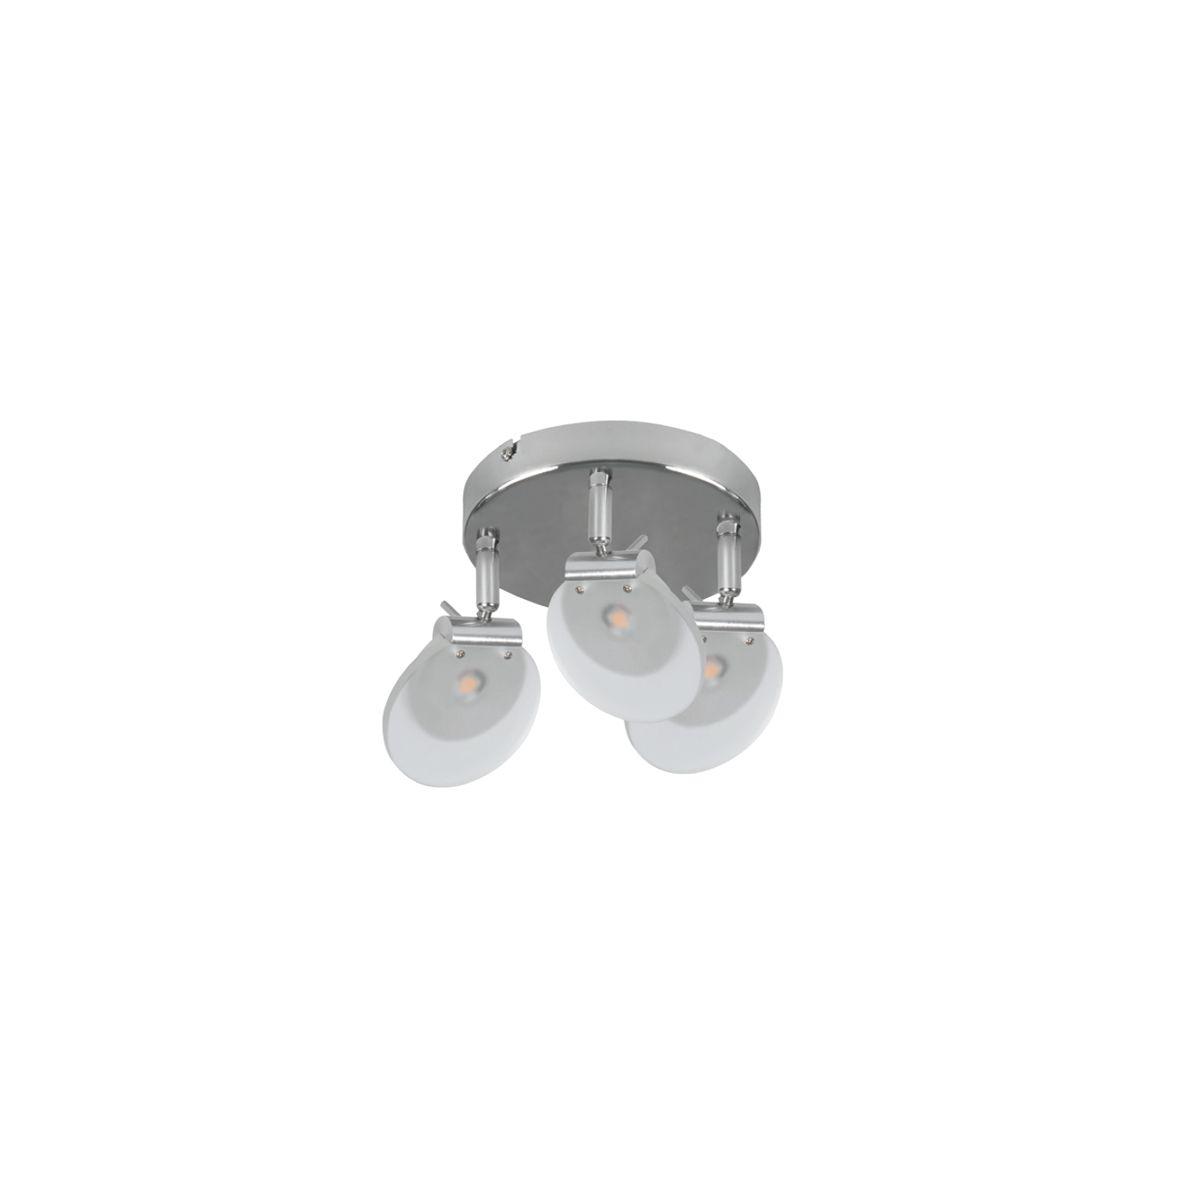 Oprawa ścienno-sufitowa SILMA LED 3x6W barwa ciepła